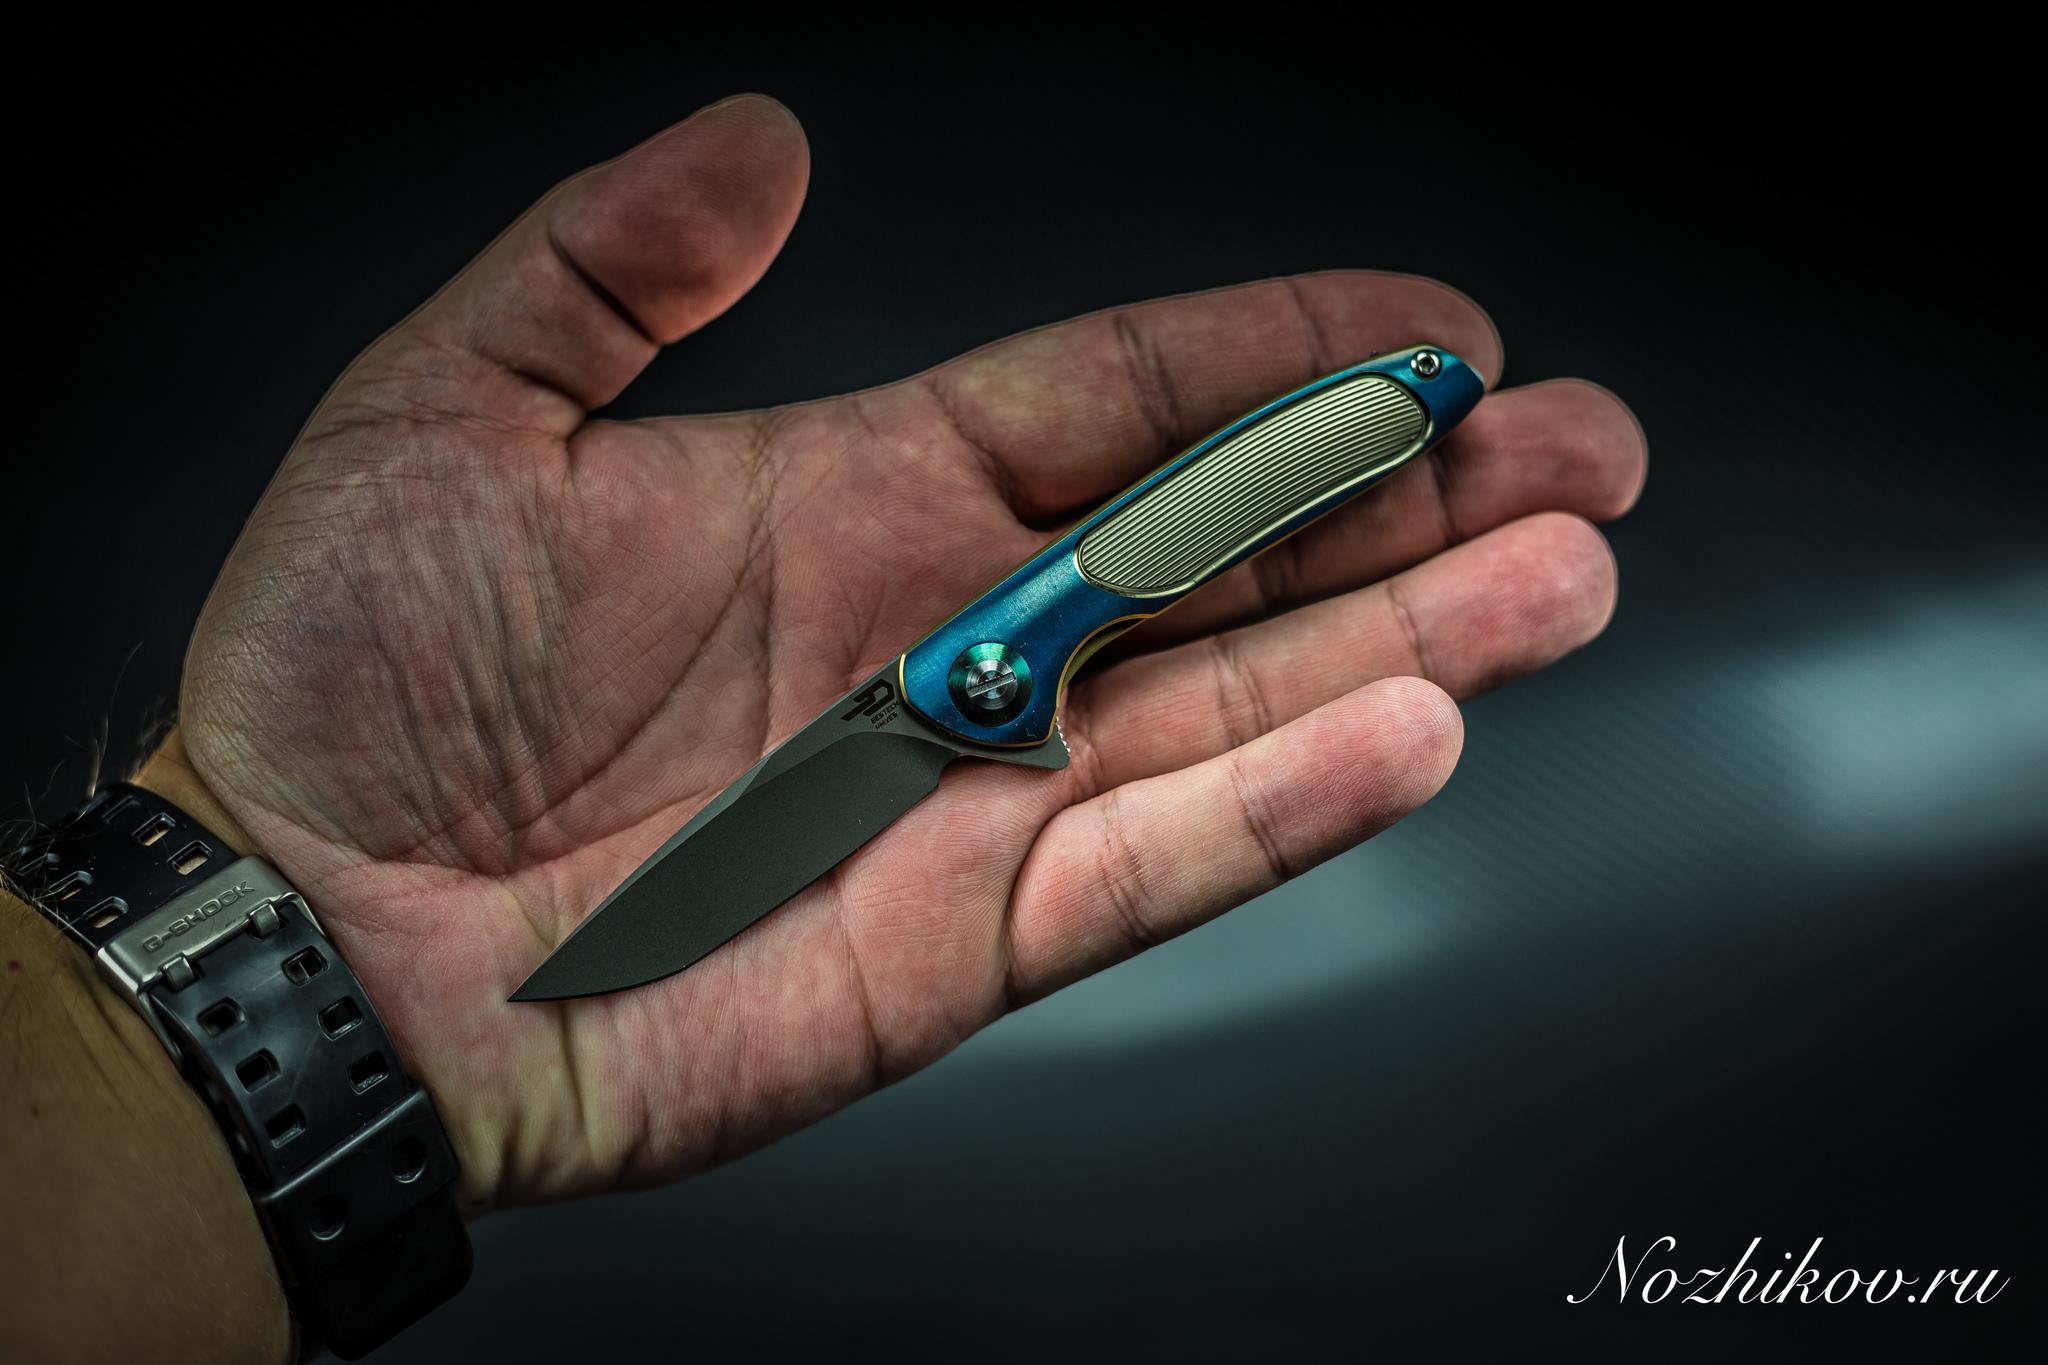 Складной нож Bestech Knives BT1705A, сталь CPM-S35VN, рукоять титанРаскладные ножи<br>СКЛАДНОЙ НОЖ BESTECH KNIVES BT1705A обладает вполне рабочей геометрией, но при этом выполнен из материалов премиум сегмента. Конечно, никто не будет открывать таким ножом консервы или резать колбасу. Можно смело сказать, что эта модель одна из икон ножевого стиля. Станете ли вы носить ее в кармане дорогого твидового пиджака или поместите на коллекционный ложемент - решать только вам. Здесь используется порошковая сталь высокой твердости. В состав стали входят такие легирующие элементы, как хром и молибден. Хром отвечает за ударную вязкость и защиту от коррозии, а молибден усиливает кристаллическую решетку и наделяет сплав высокой твердостью. Нож действительно не ржавеет даже при длительном контакте с влагой. Титановая рукоять дополняет общую стилистику и делает нож более легким.<br>